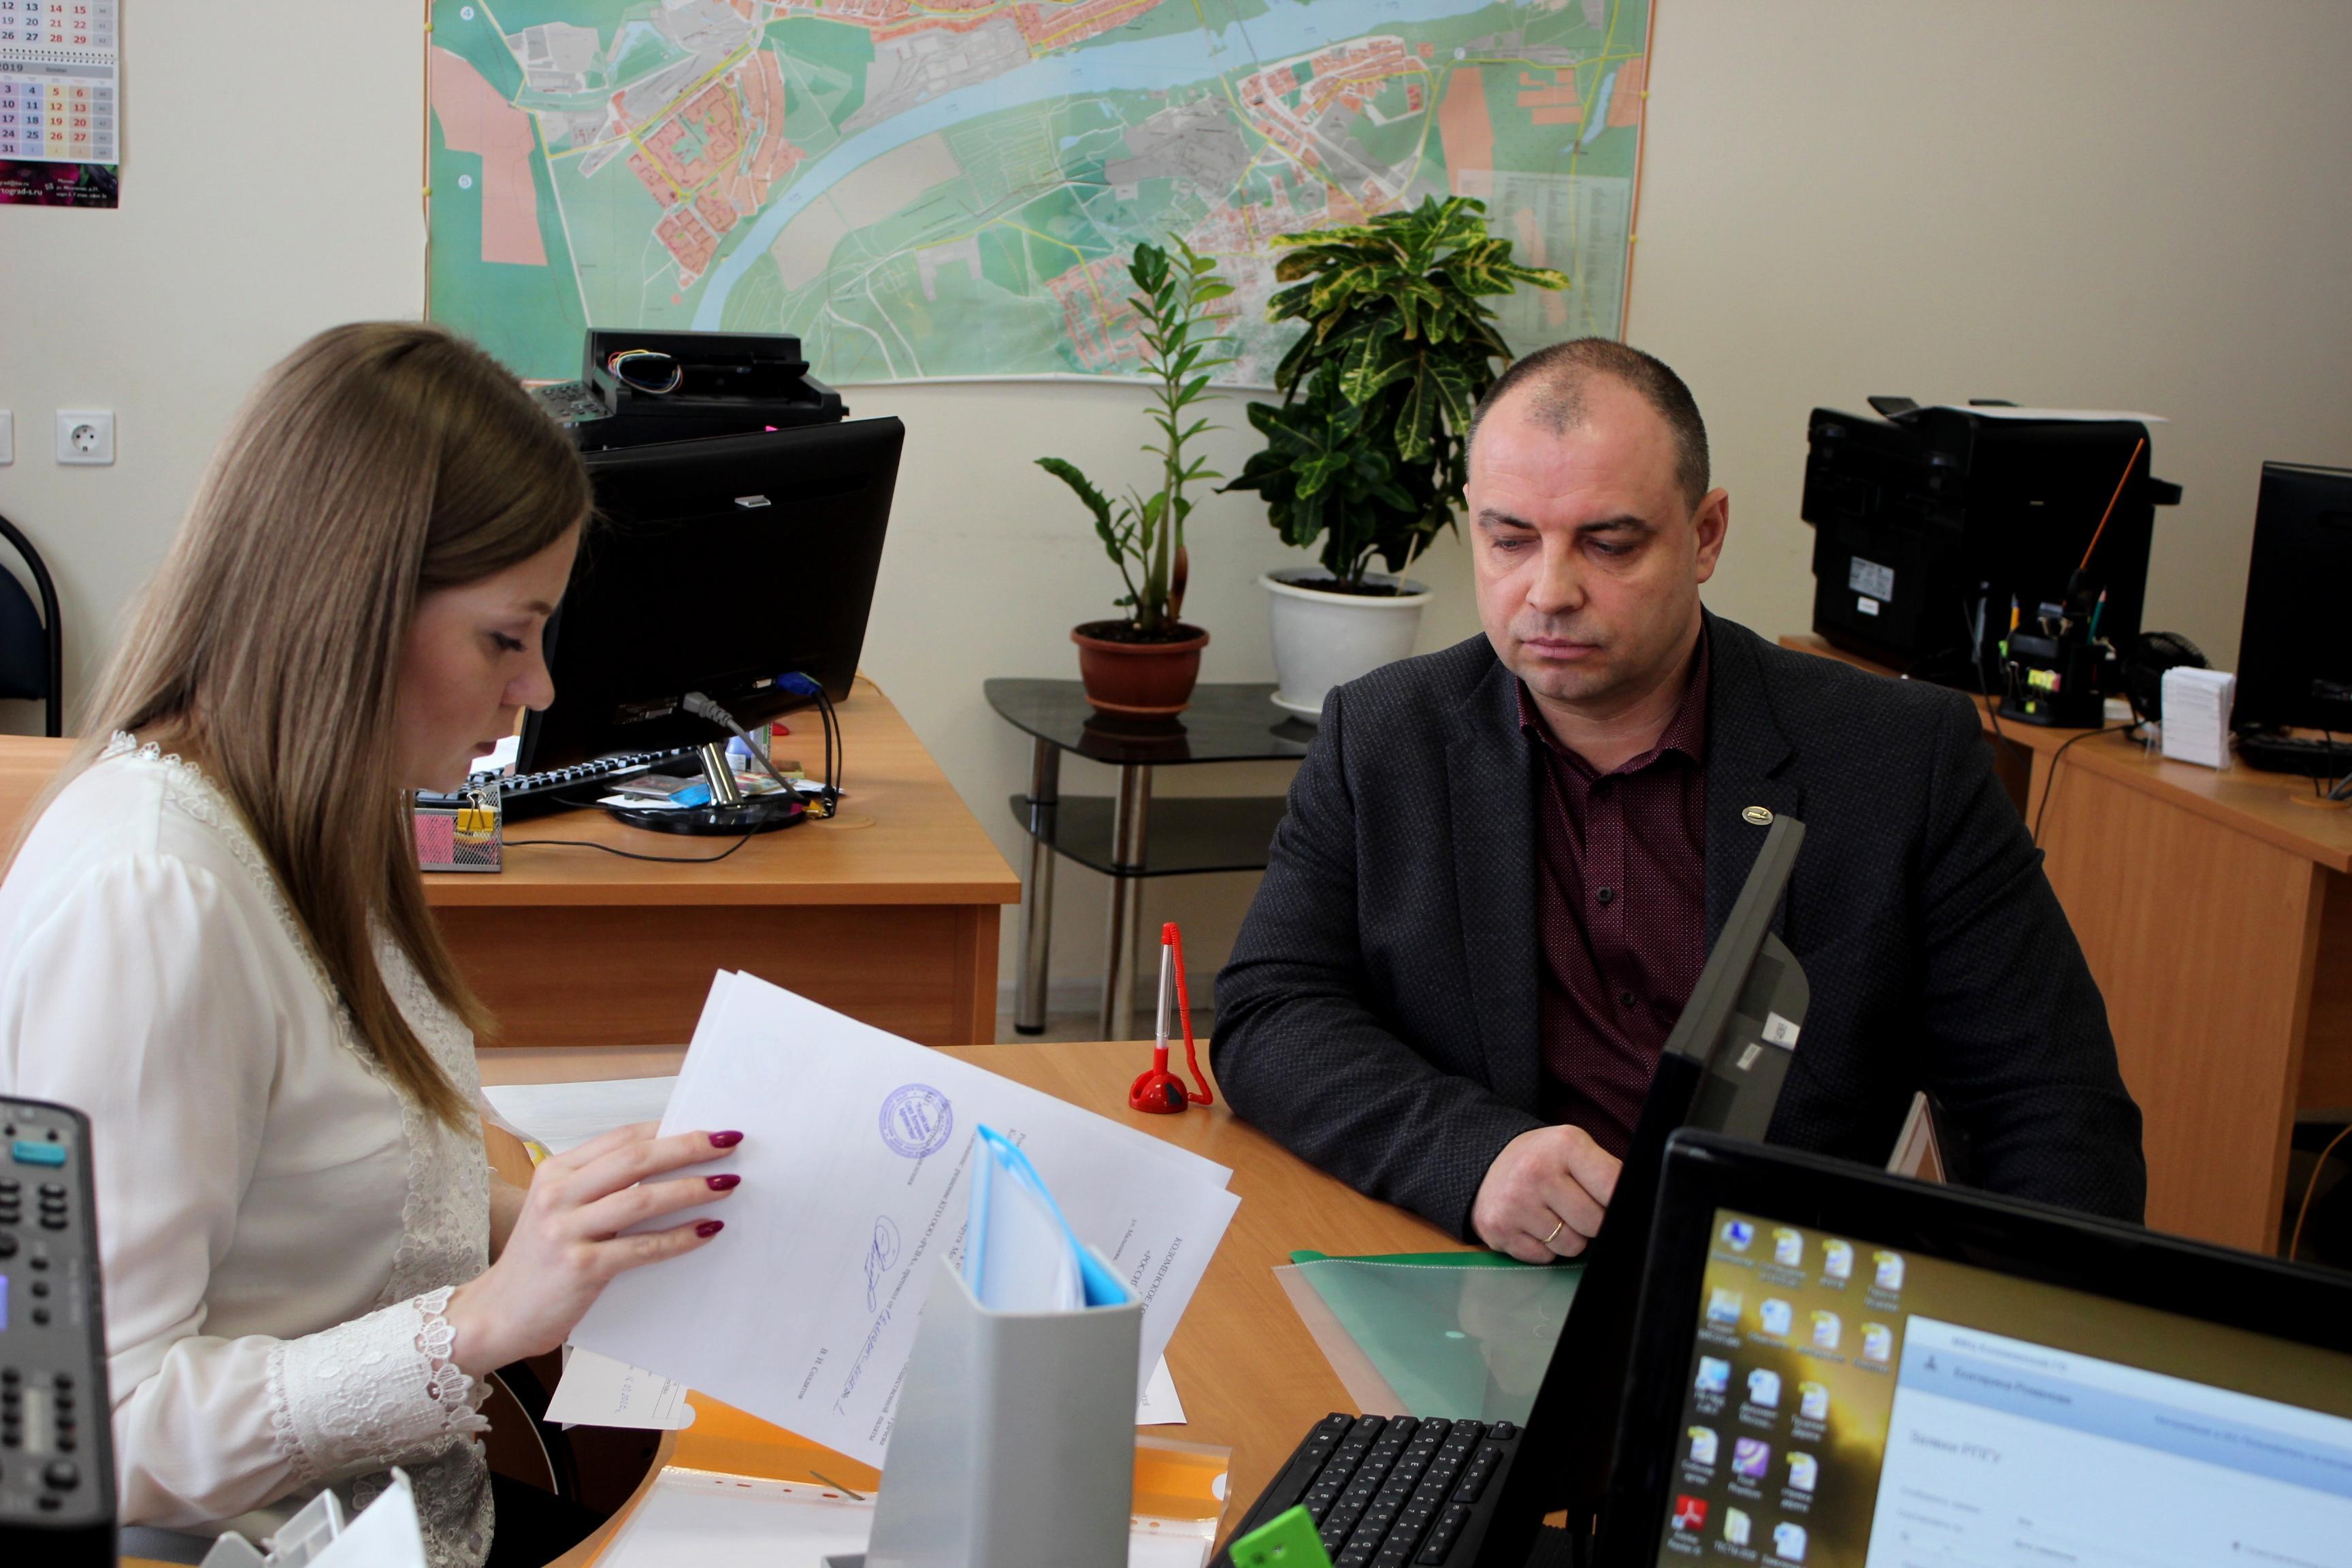 Новости Коломны   В Коломенском округе стартовал прием заявлений от кандидатов в Общественную палату Фото (Коломна)   iz zhizni kolomnyi